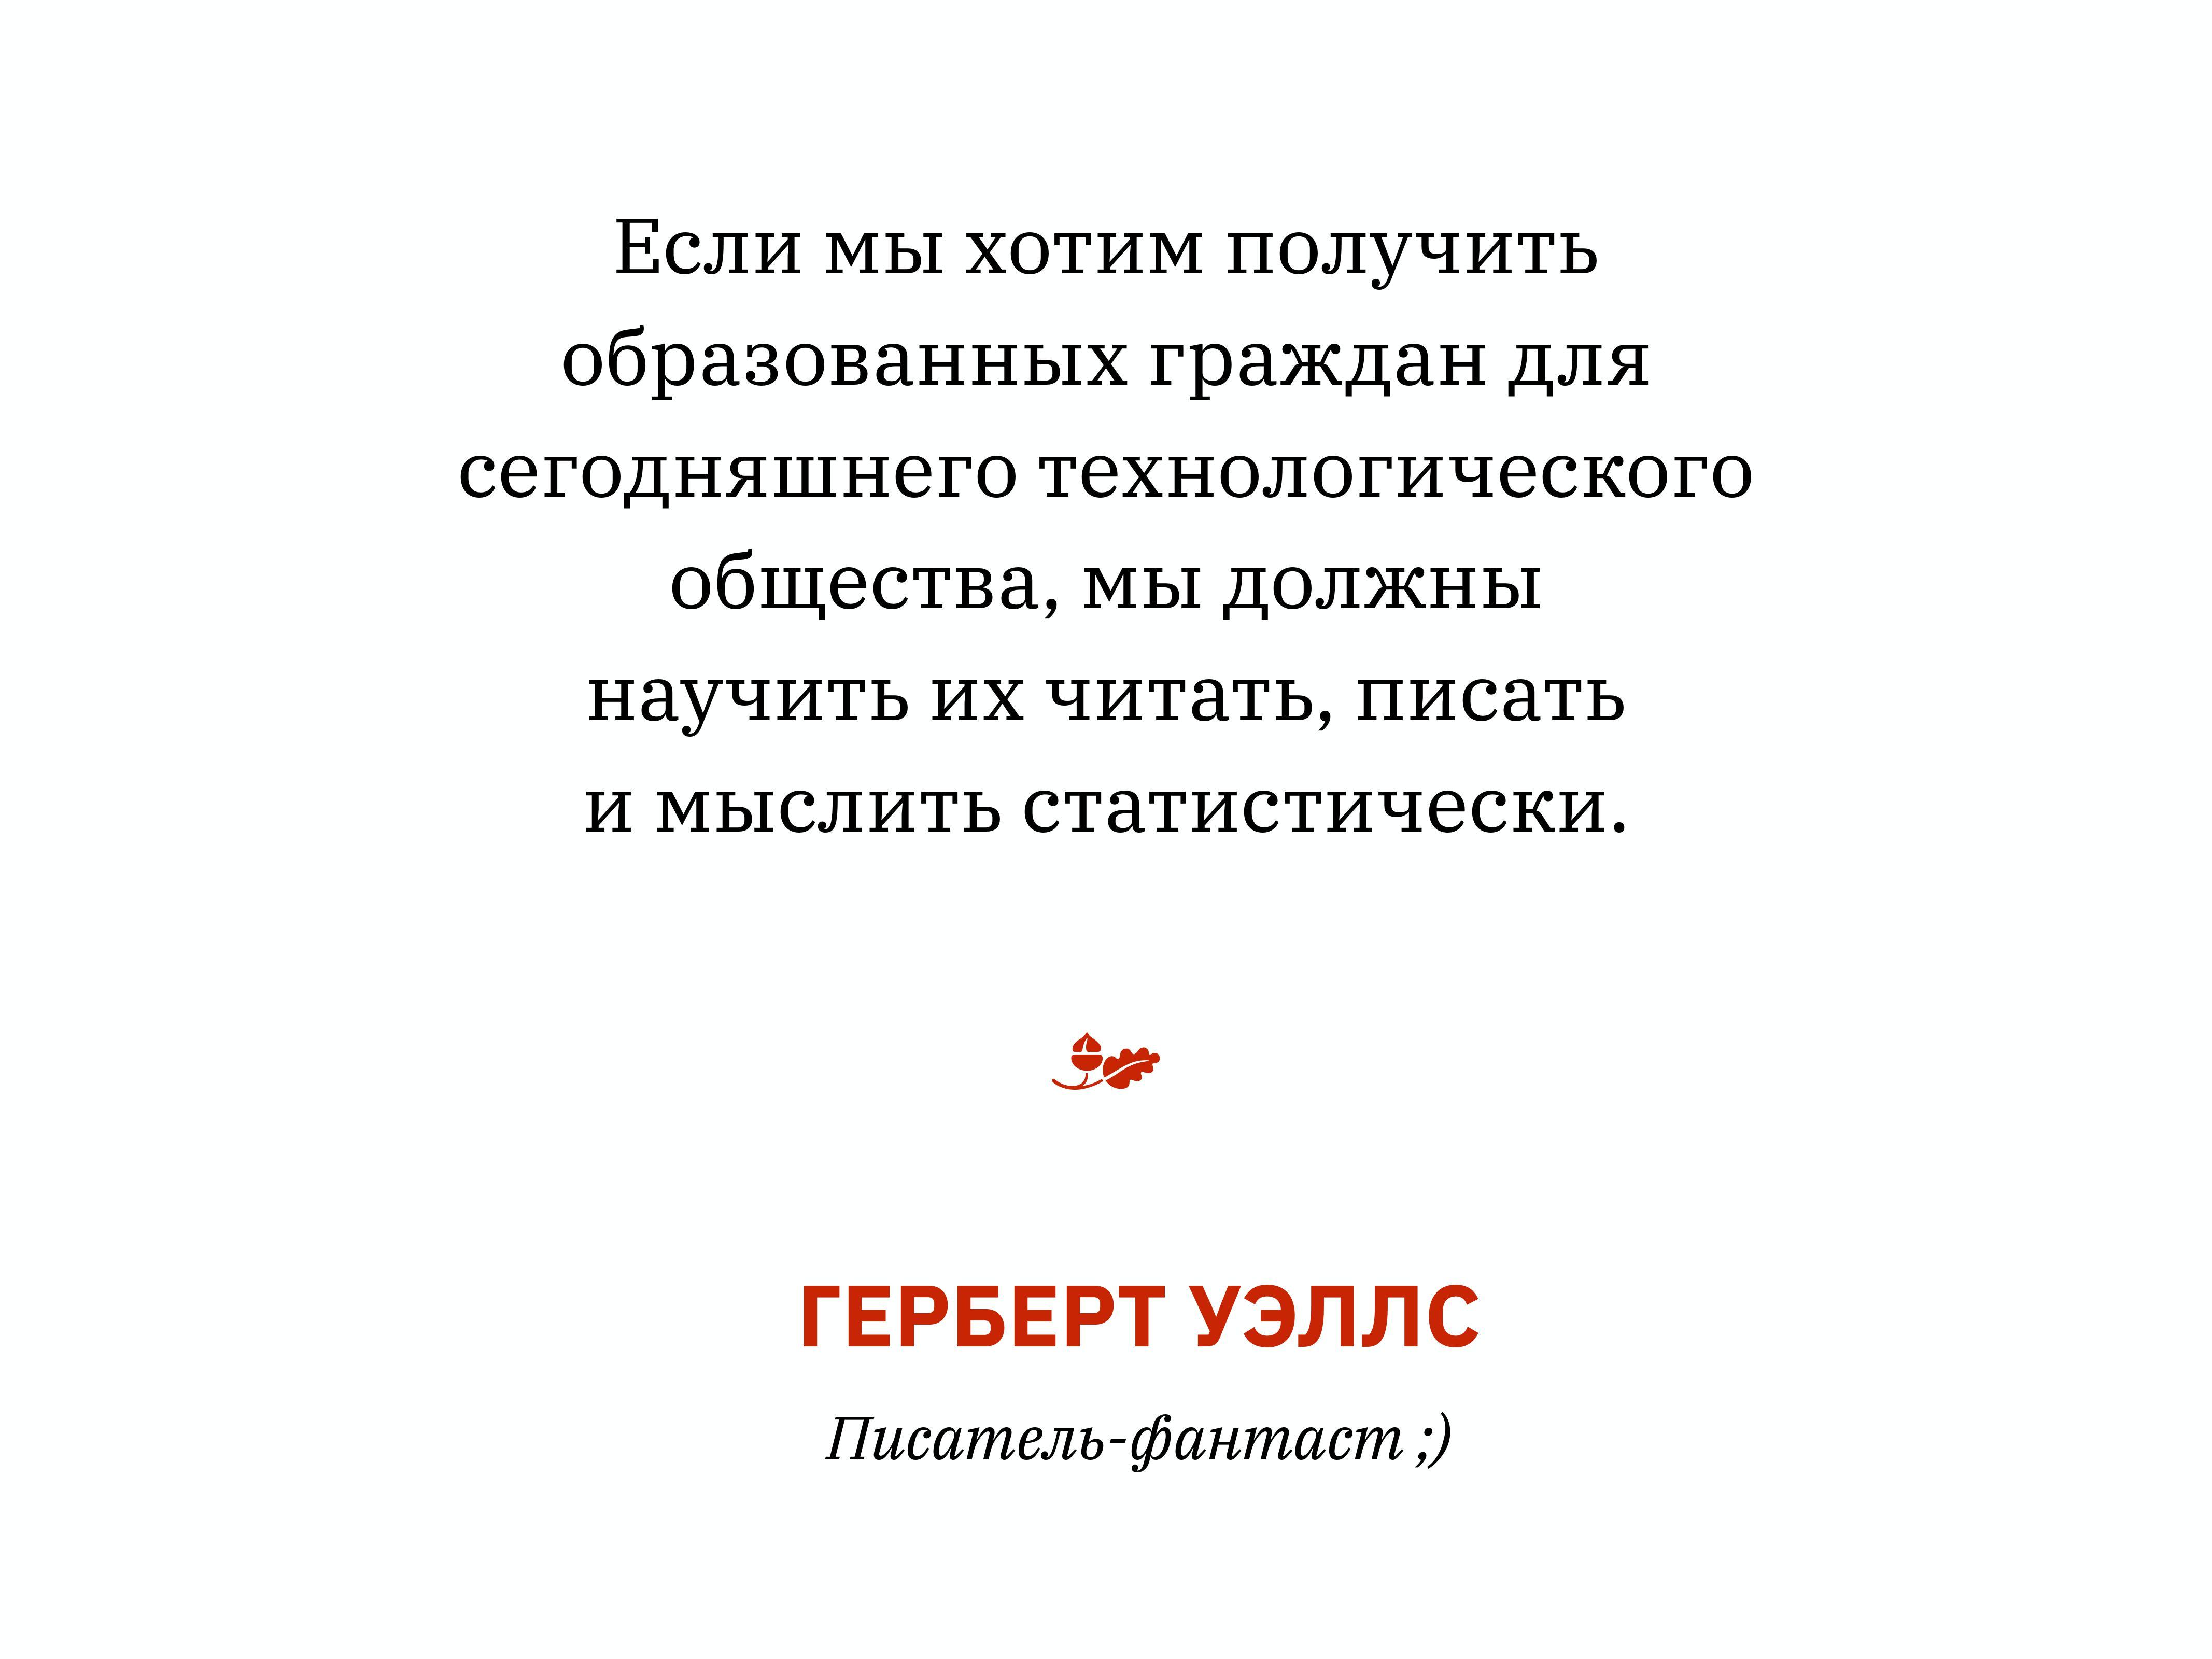 Алексей Каптерев: Критическое мышление 101 (часть 2) - 55